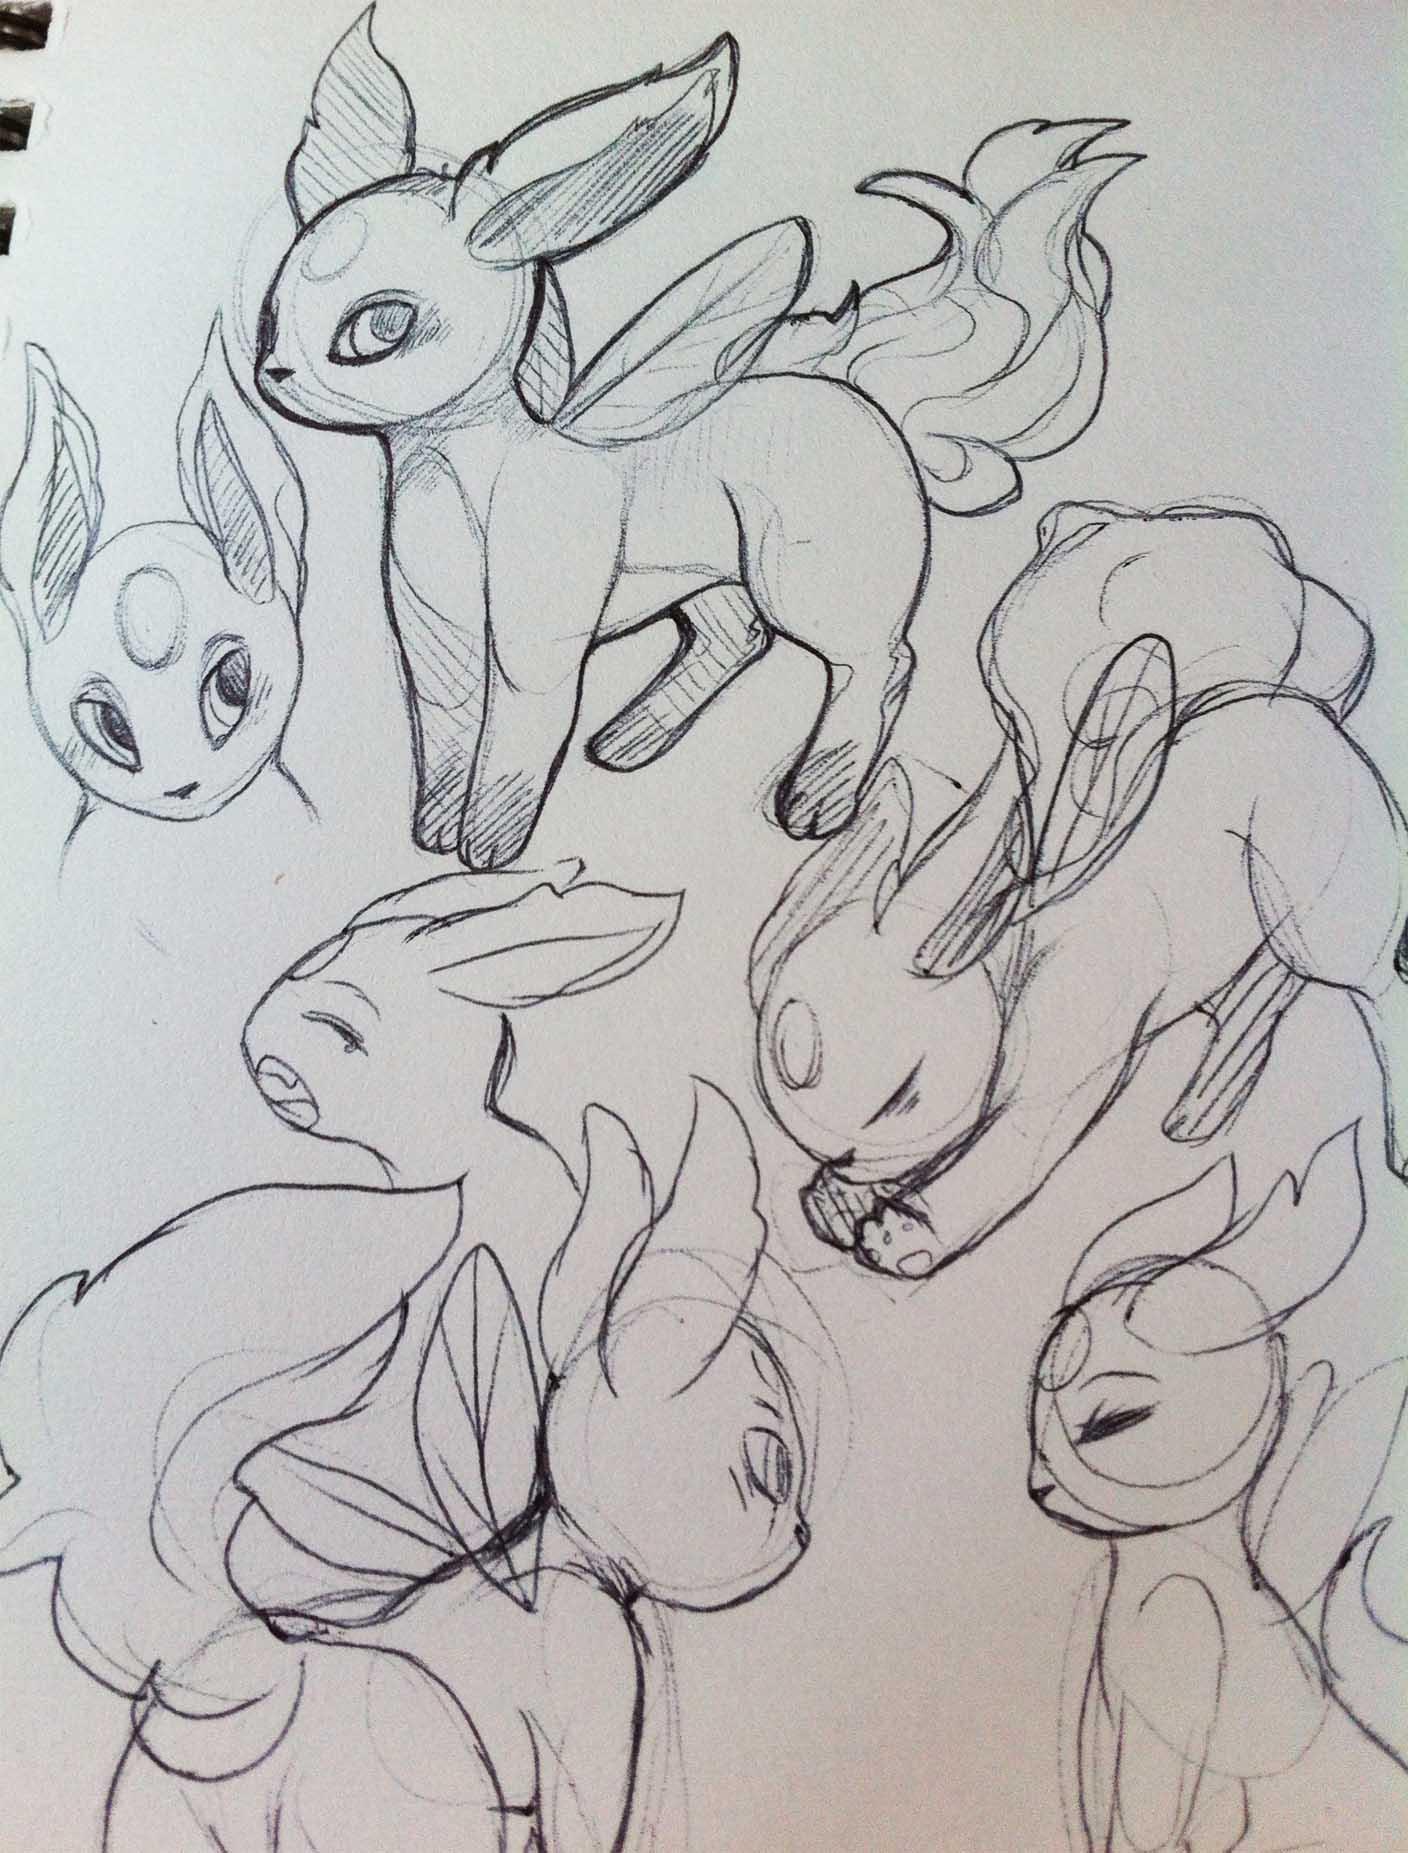 Pokémon-Zeichnung: Einreichung 29822